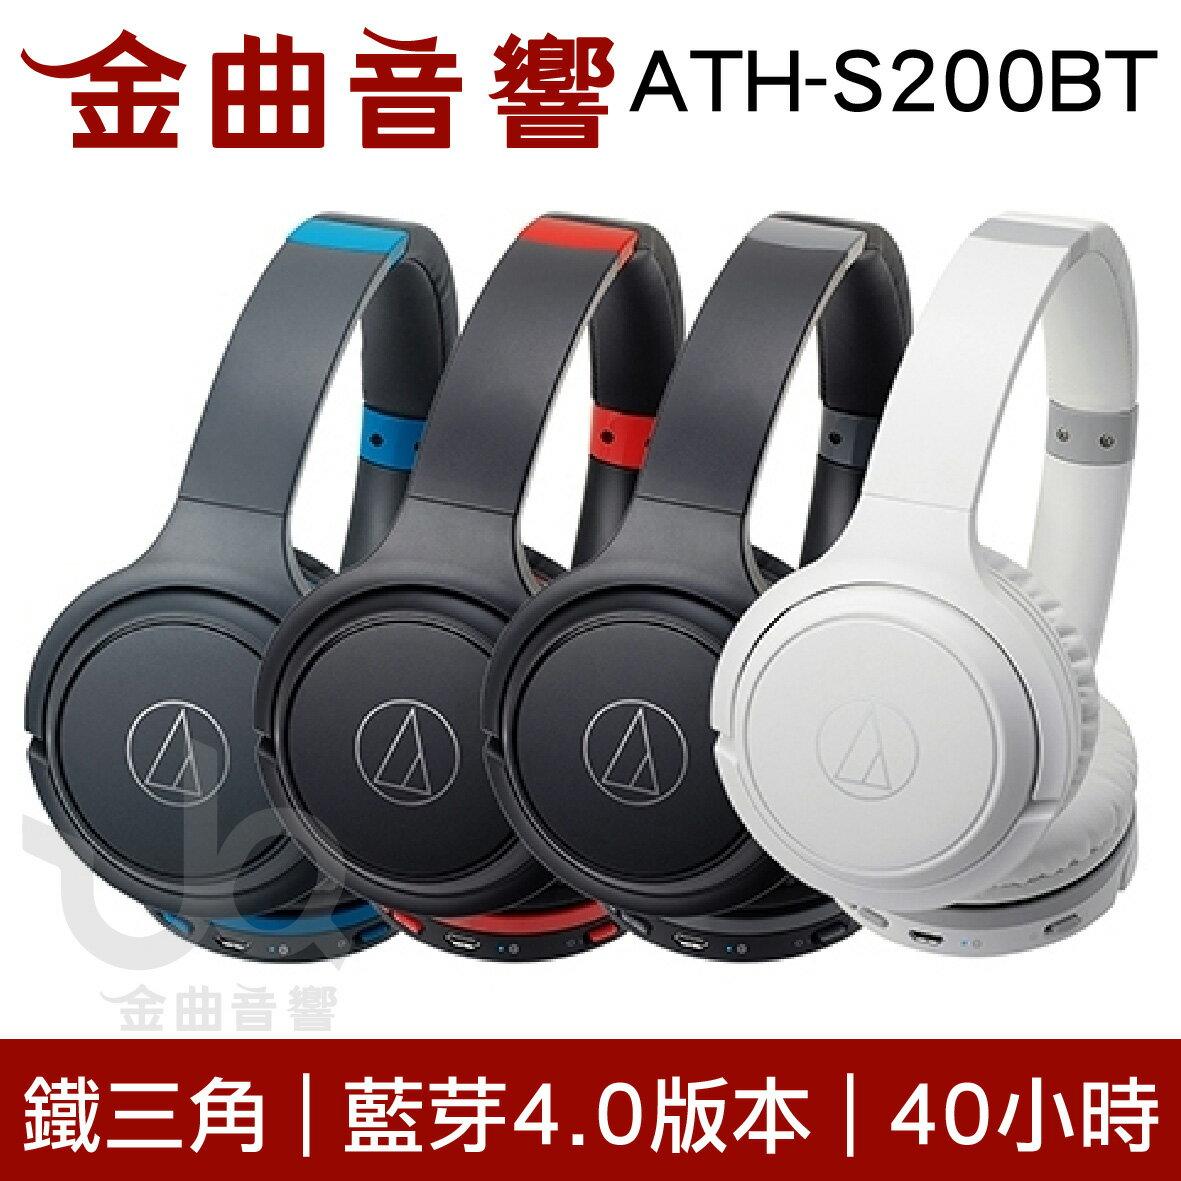 鐵三角 ATH-S200BT 黑紅色 藍牙耳罩式耳機 藍牙技術   金曲音響